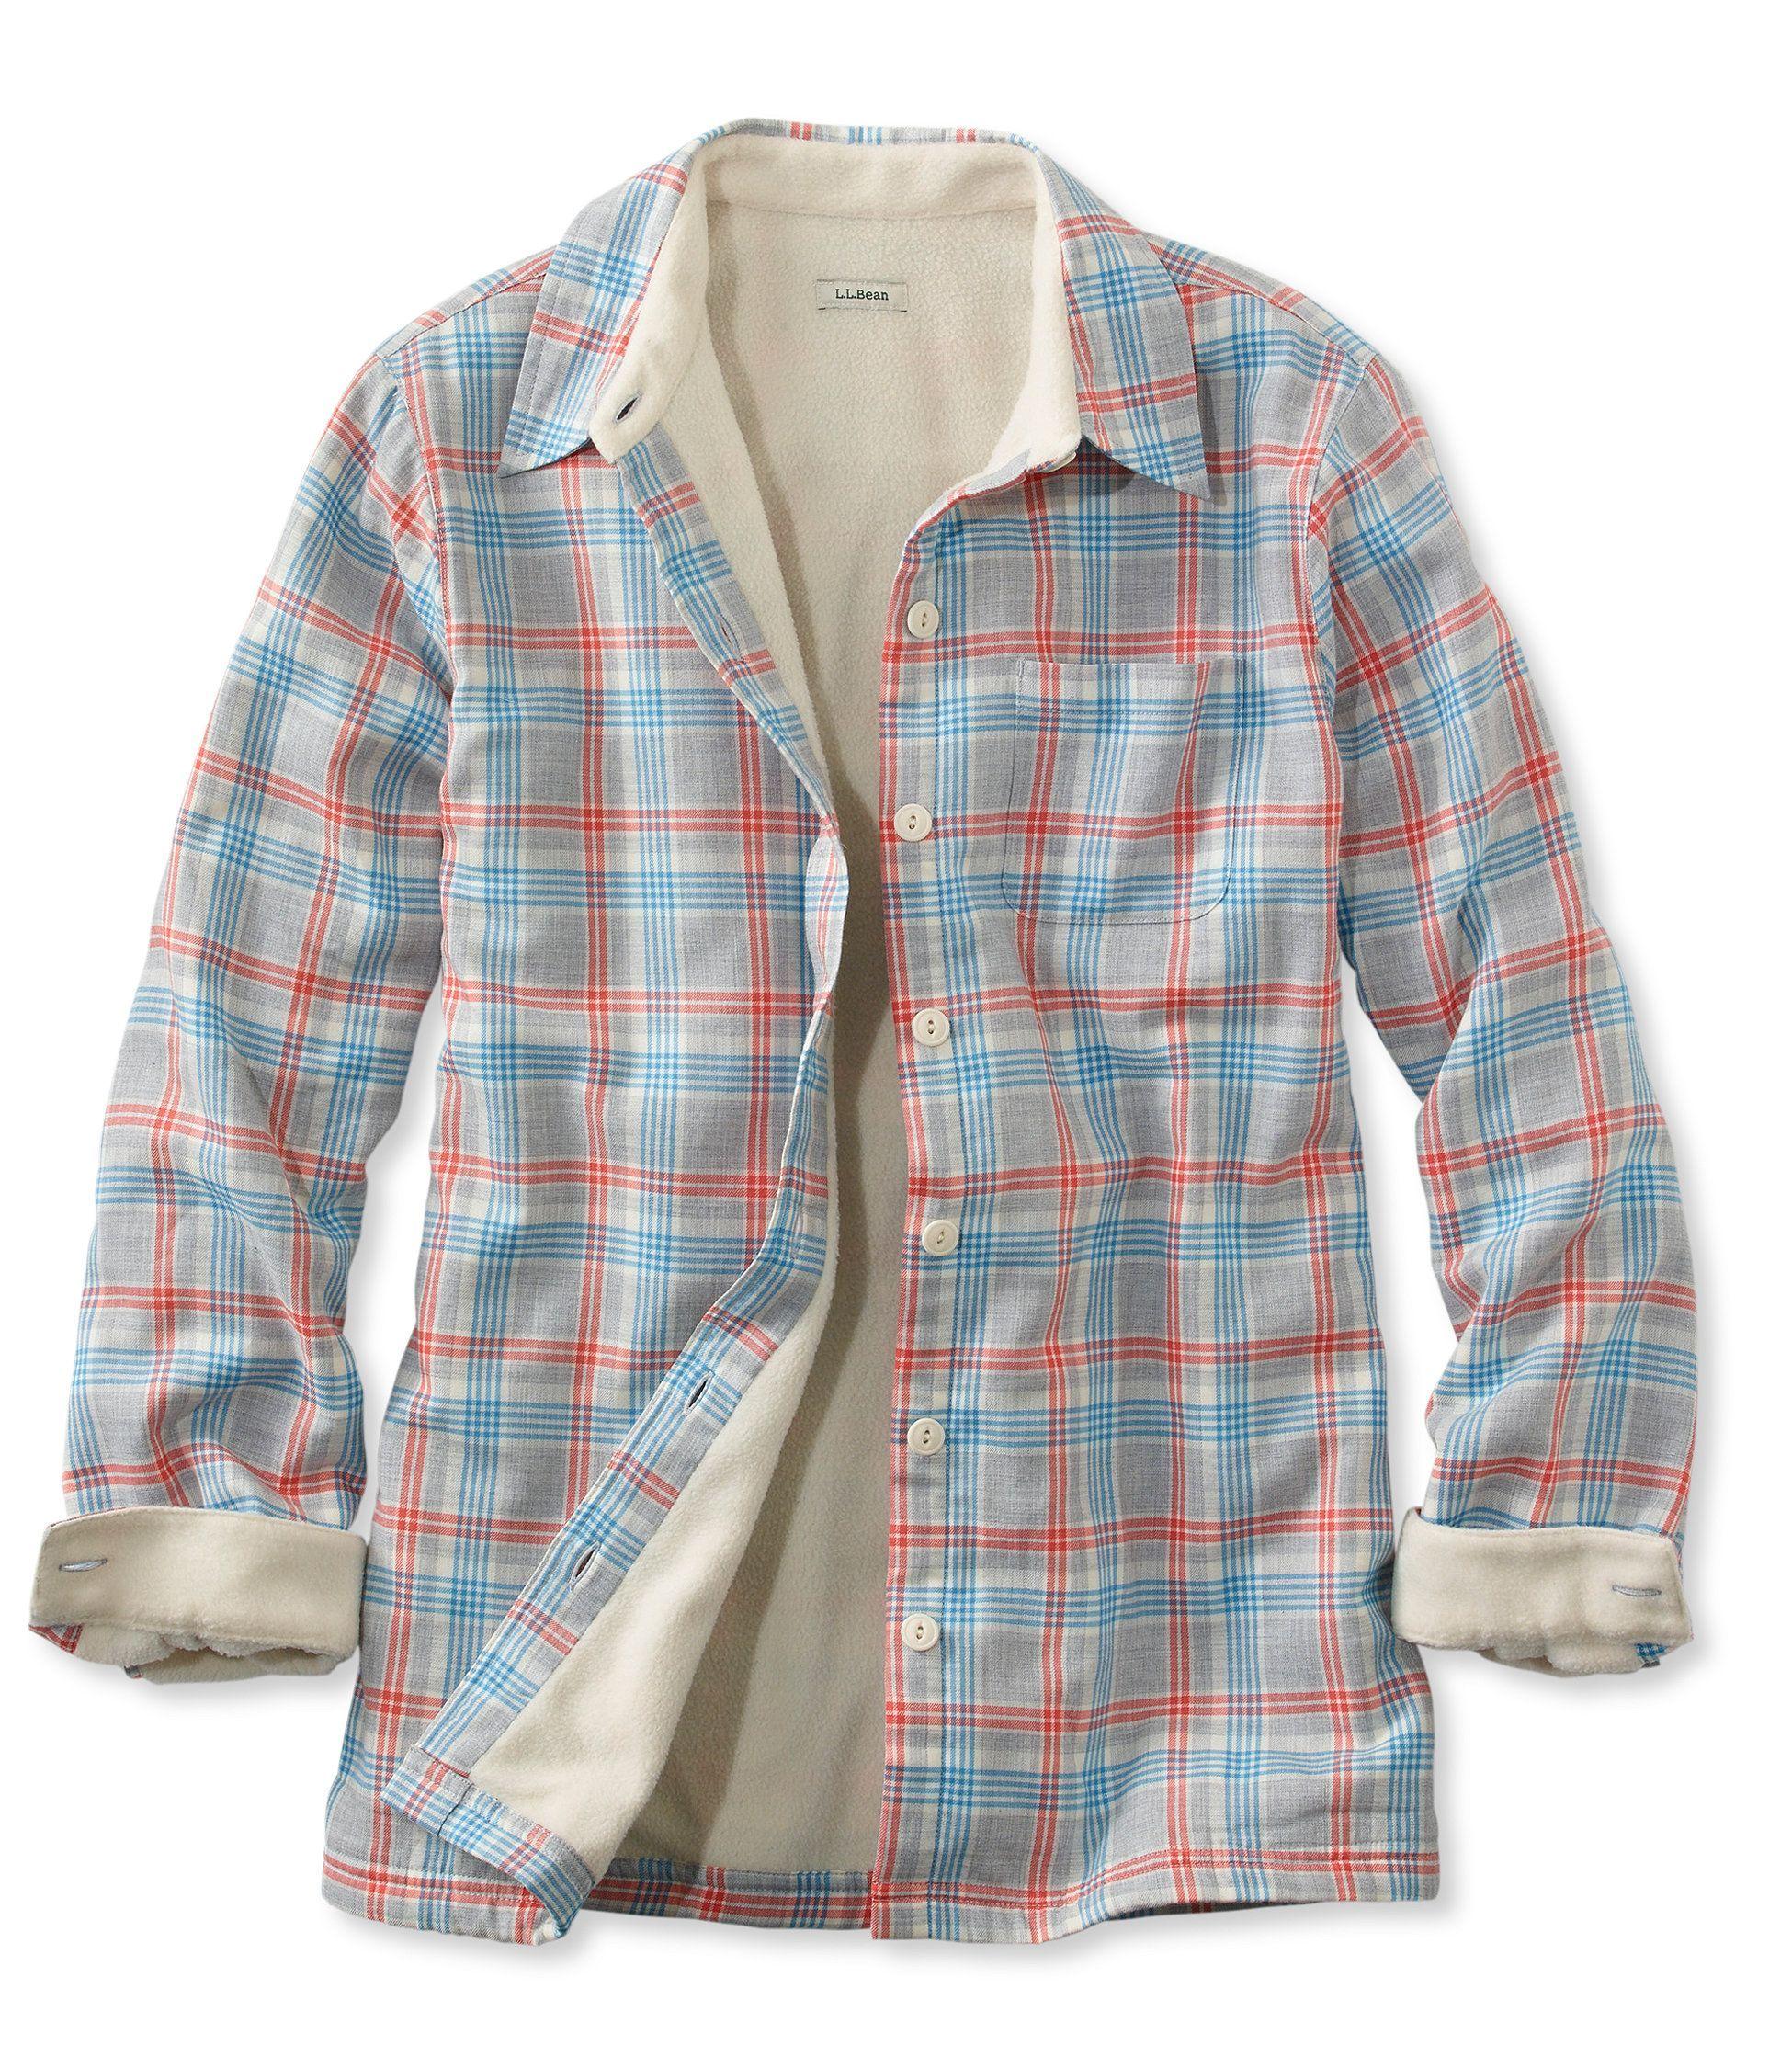 096d614239 Women s Fleece-Lined Flannel Shirt